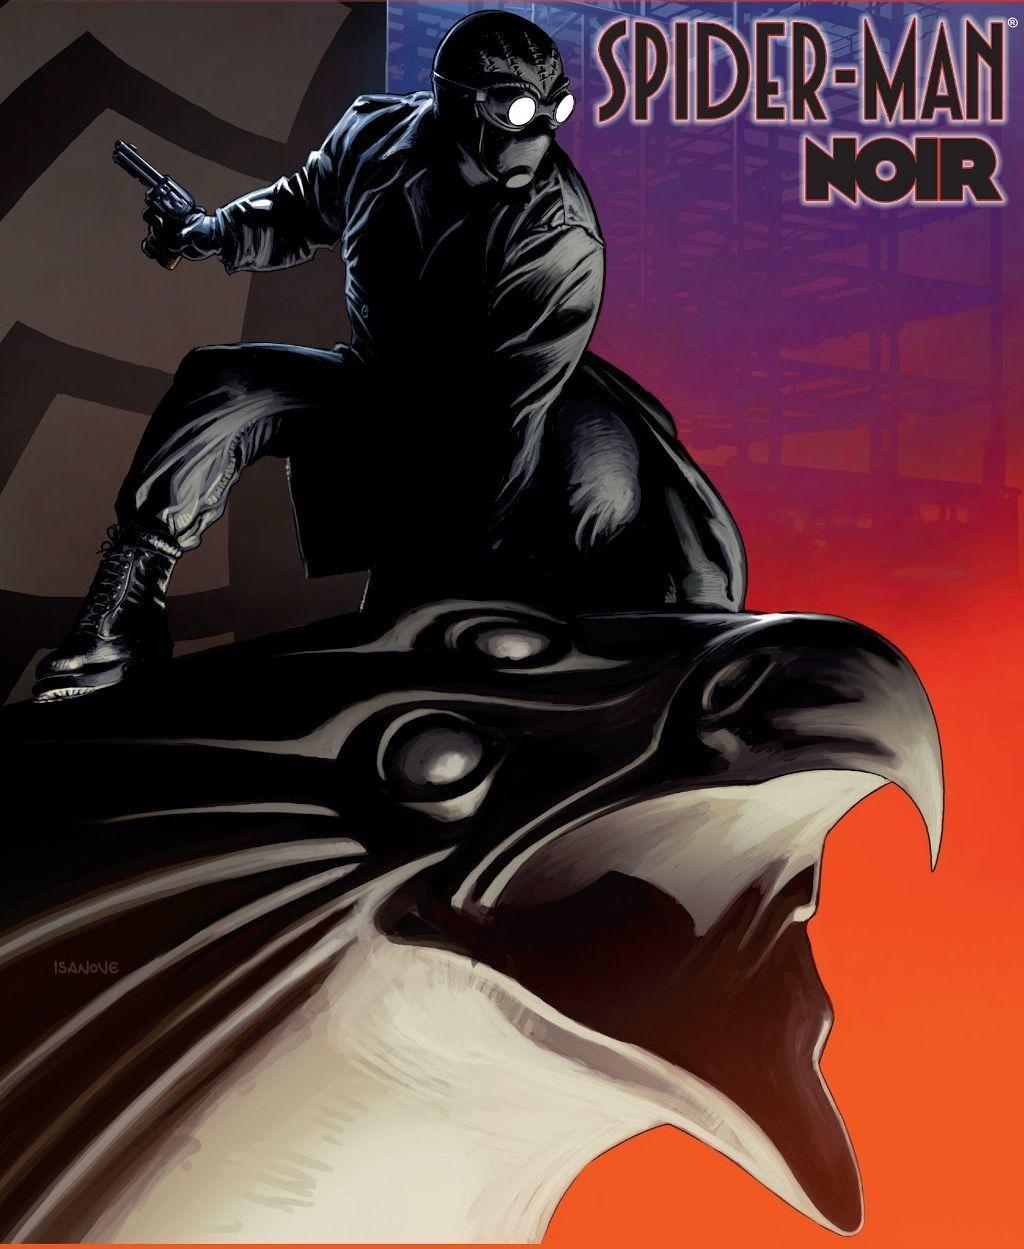 Edge of Spider-Verse: Spider-Man Noir